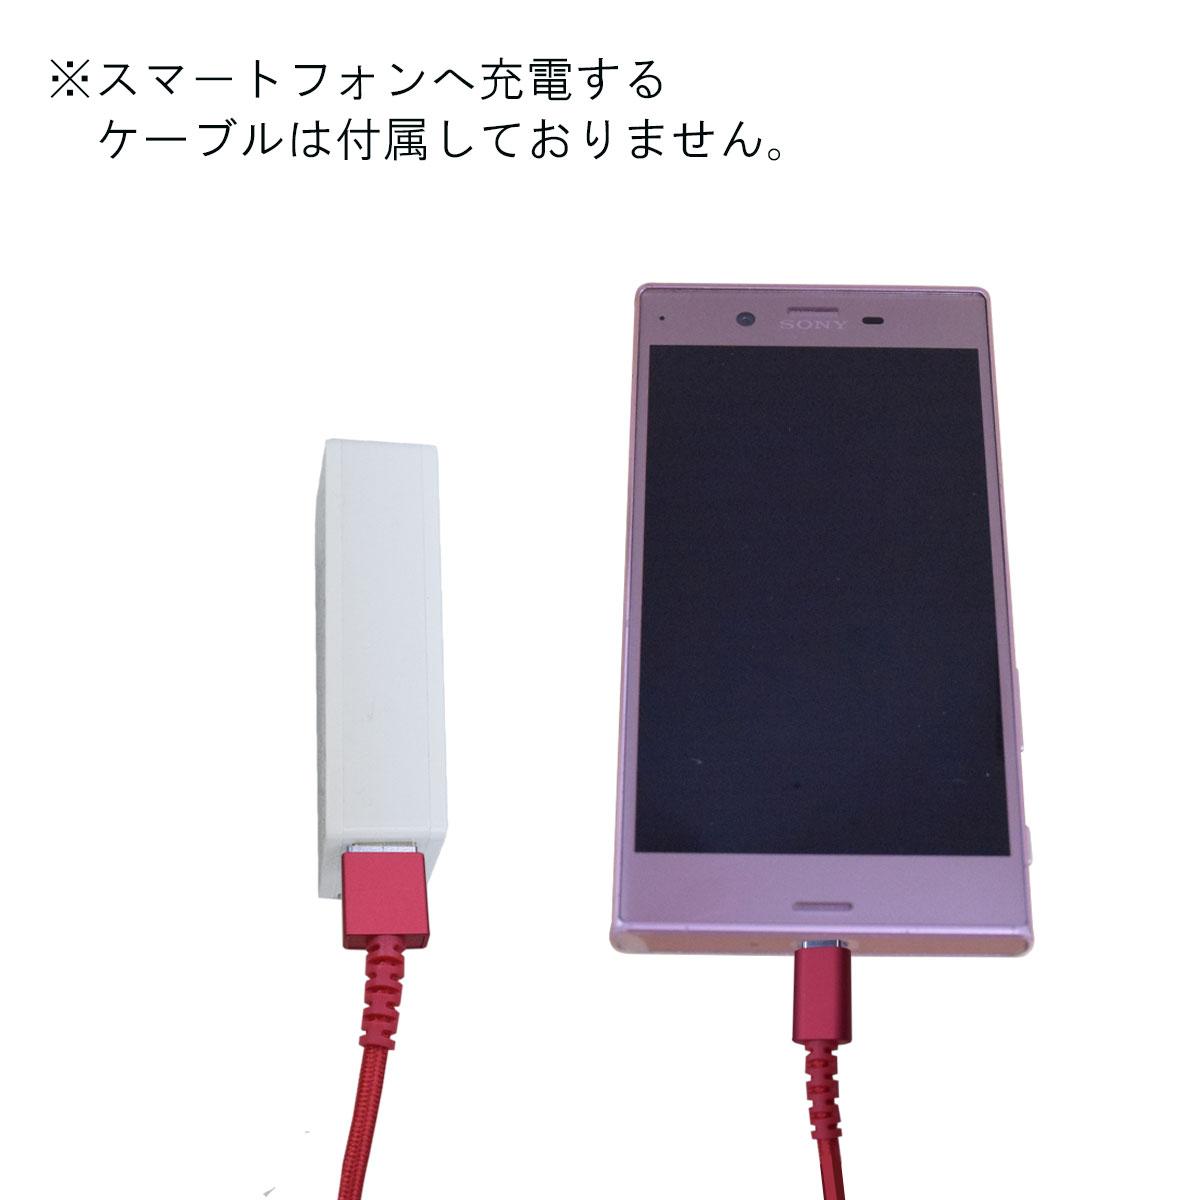 AC付きモバイルバッテリーチャージャー 6000mAh